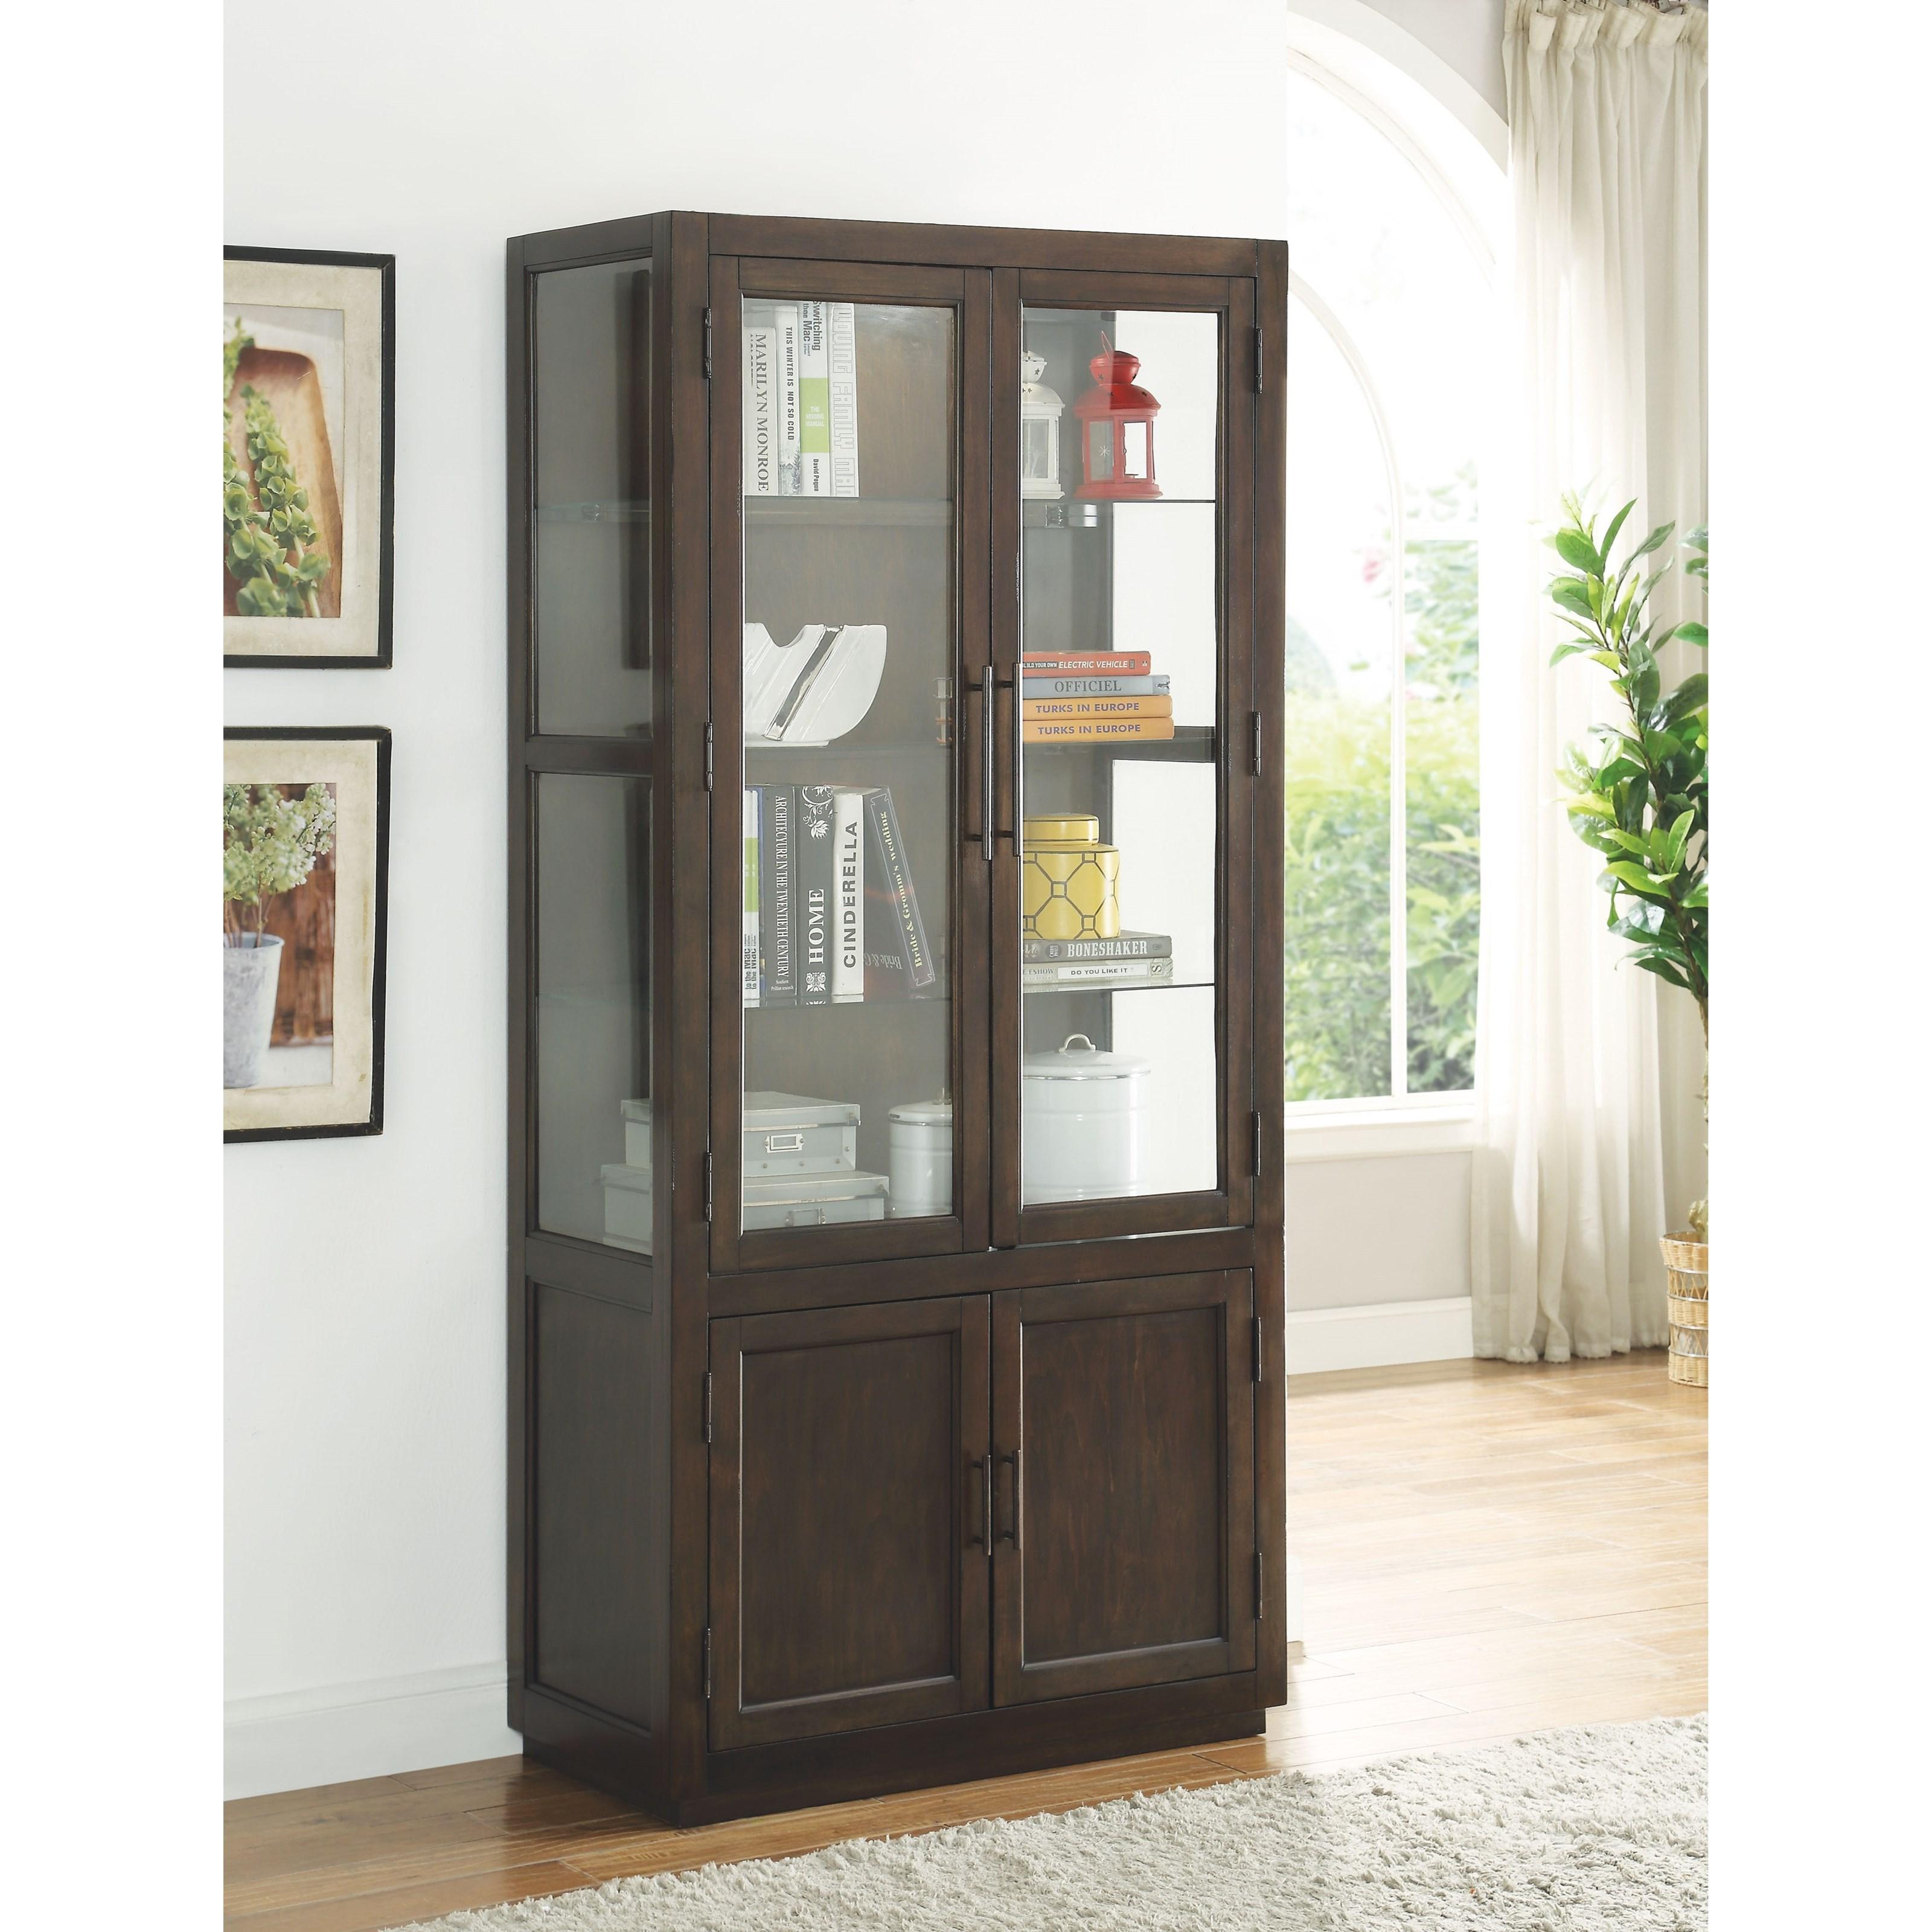 Alanus Curio Cabinet by Acme Furniture at A1 Furniture & Mattress